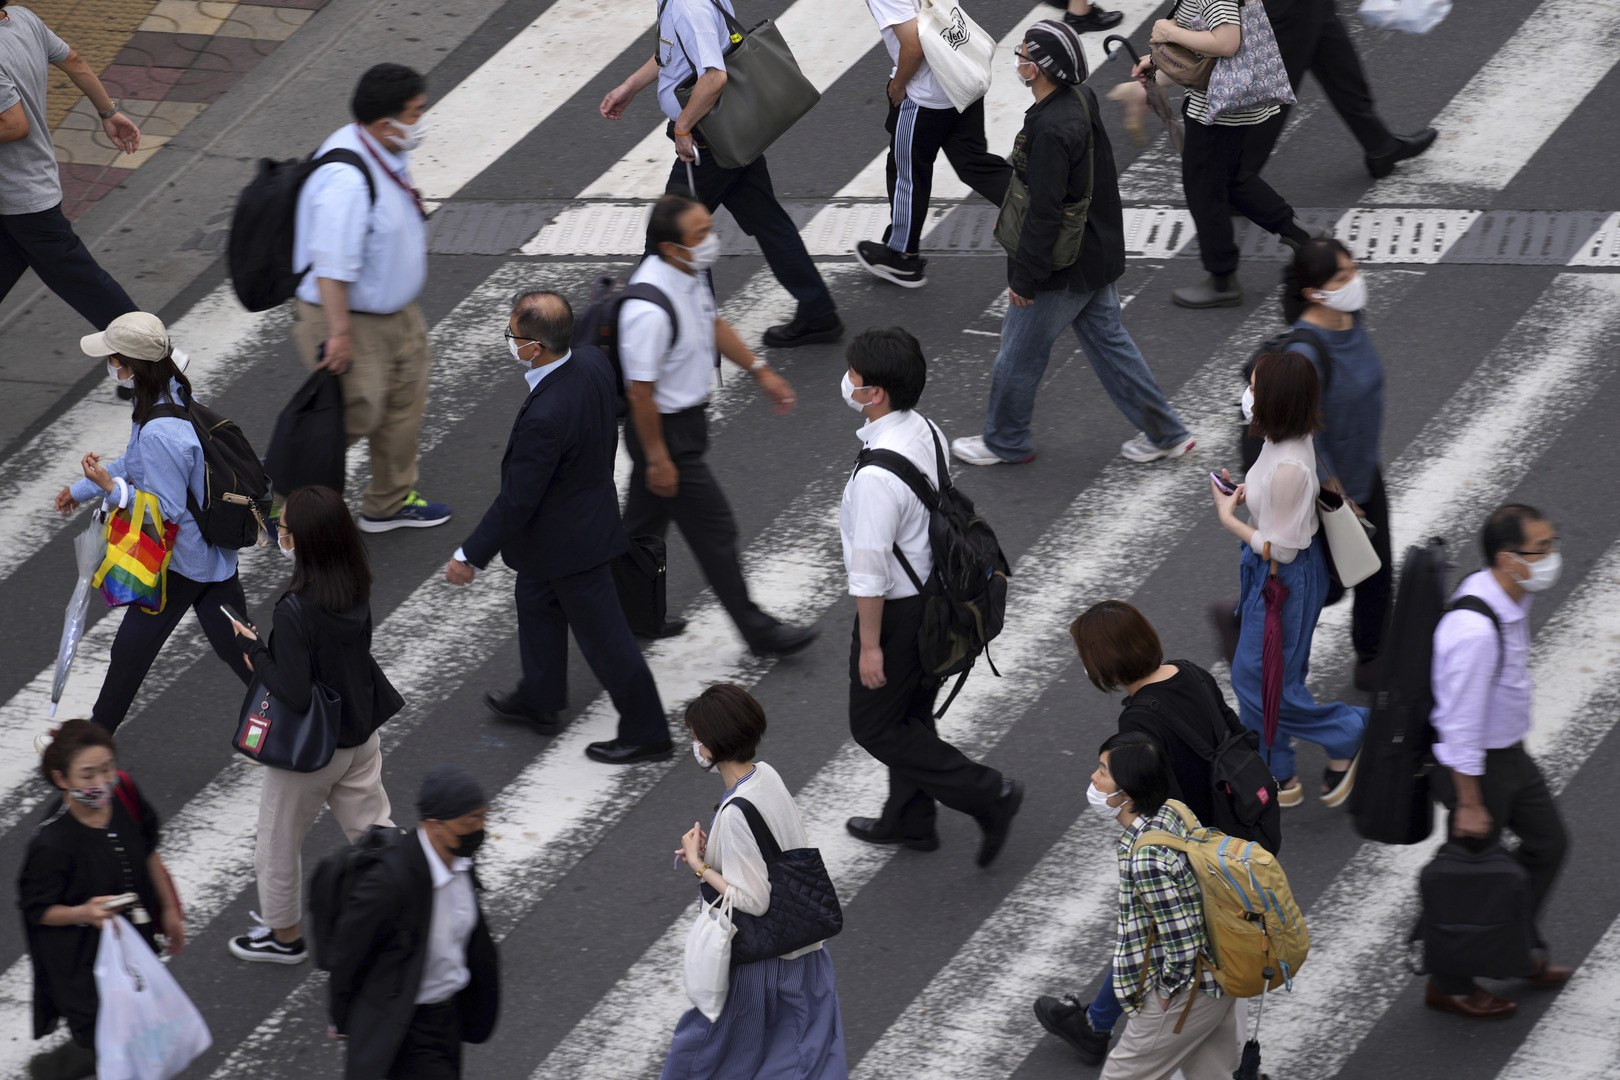 اليابان تتطلع لتخفيف قيود كورونا في طوكيو